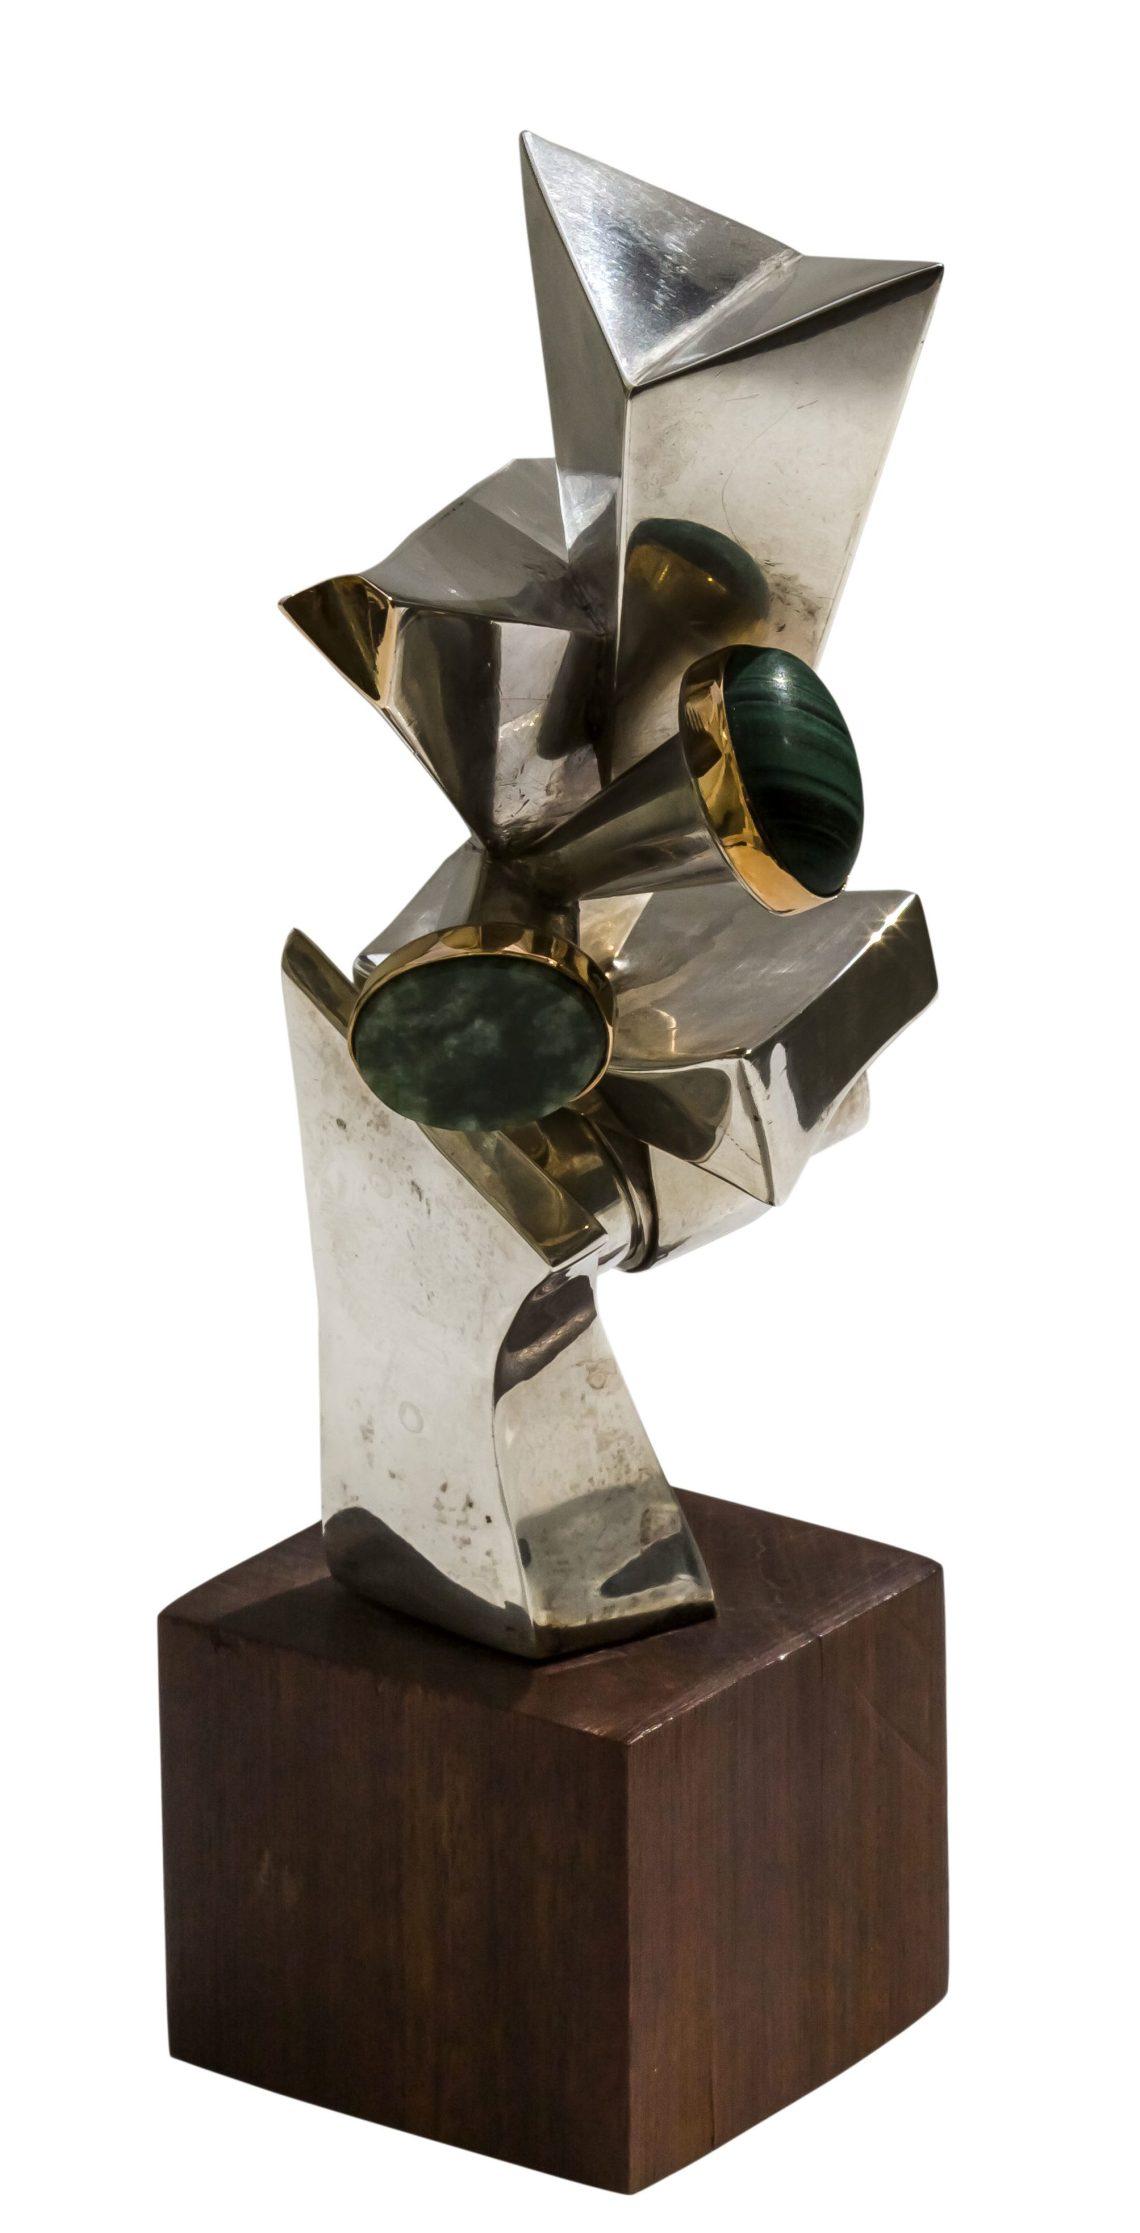 Manette van Hamel, sculptuur met ring, 1970. Collectie Ida Boelen-van Gelder. Fotografie Aldo Smit©